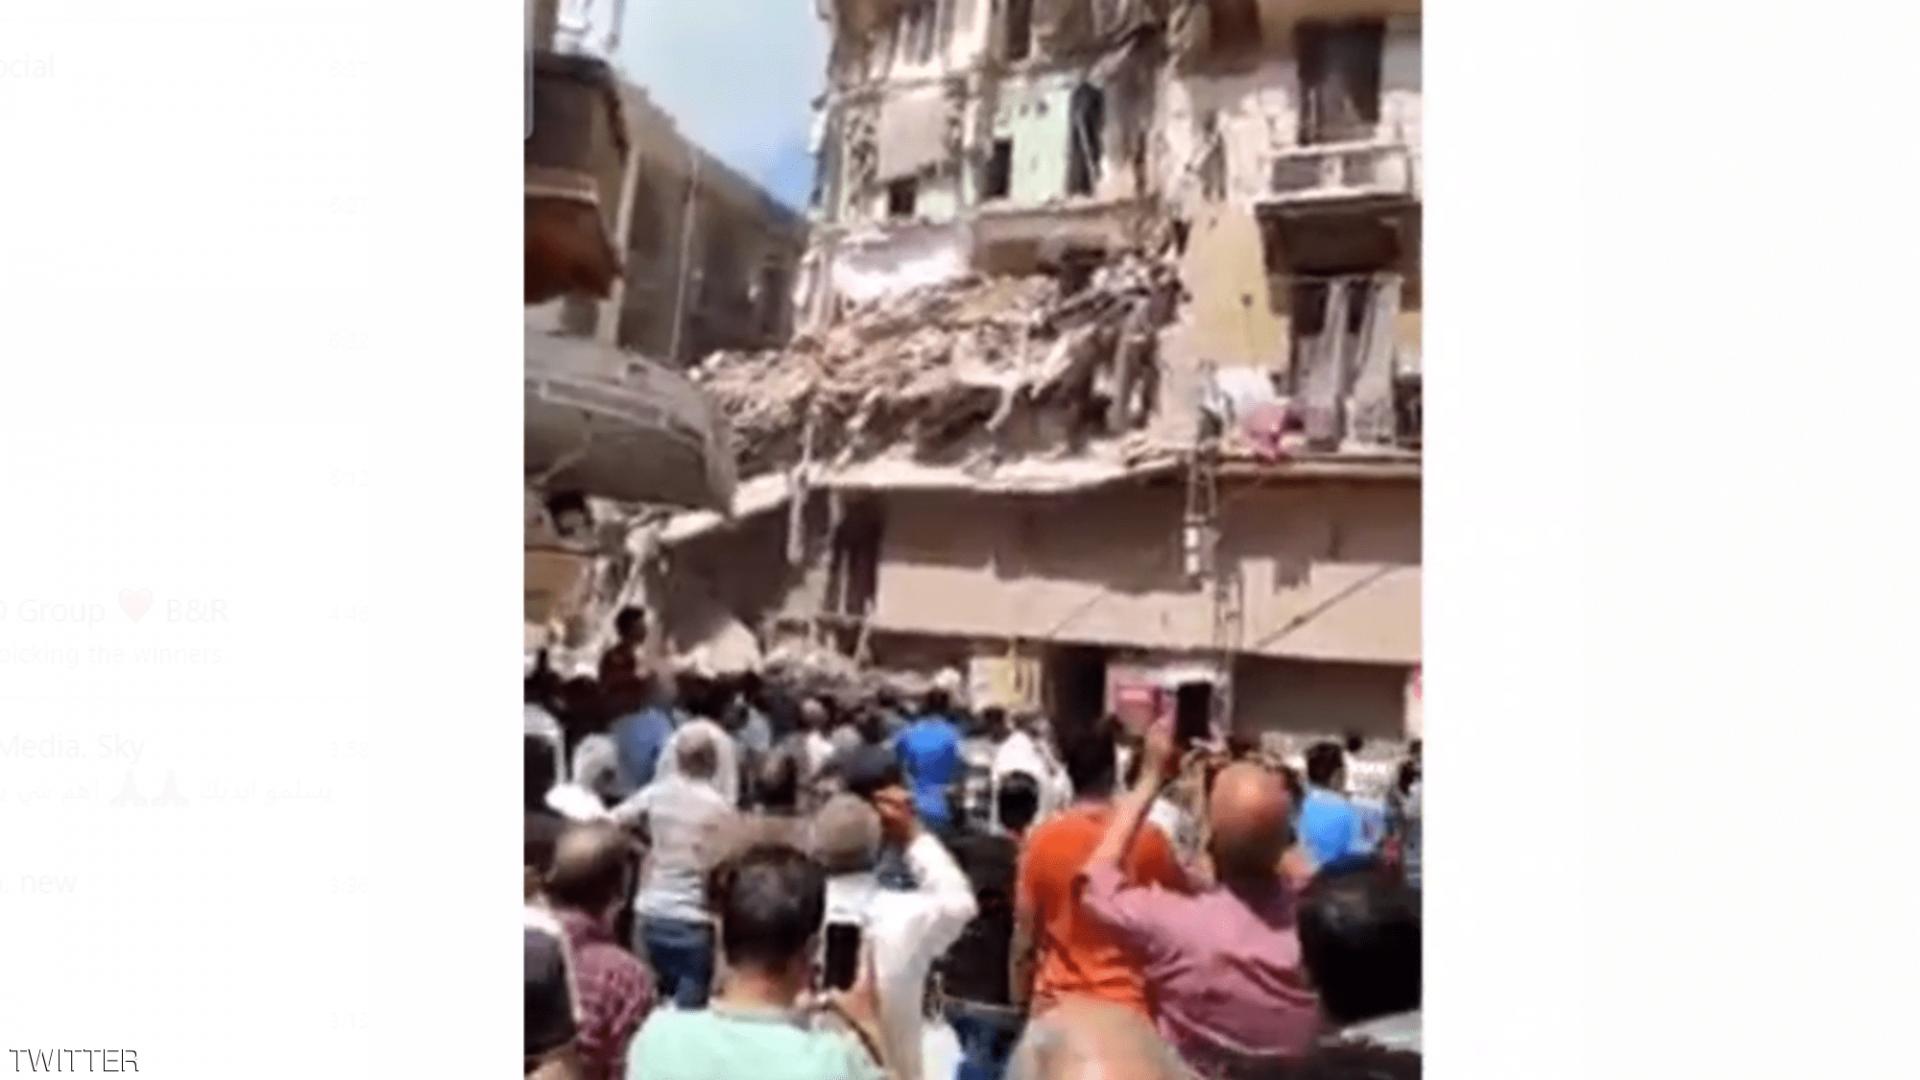 مصر.. انهيار مبنى مأهول بالسكان والبحث عن مفقودين